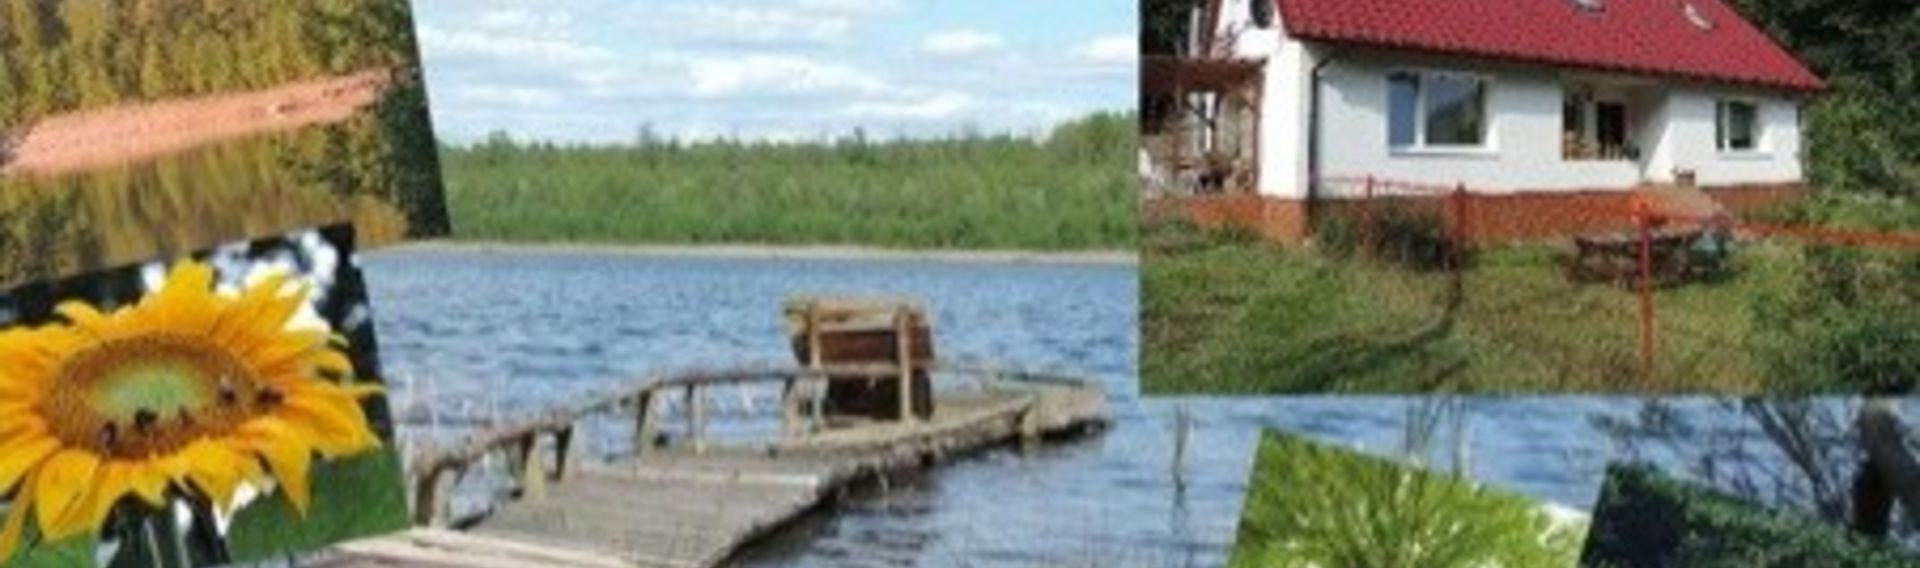 Urlaub mit Hund direkt am See in Polen